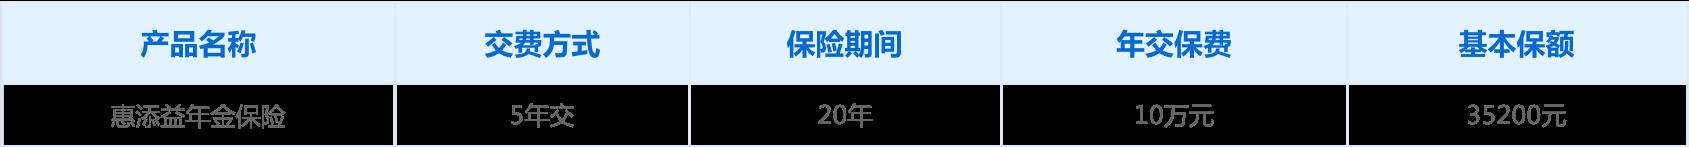 惠添益投保案例表.png